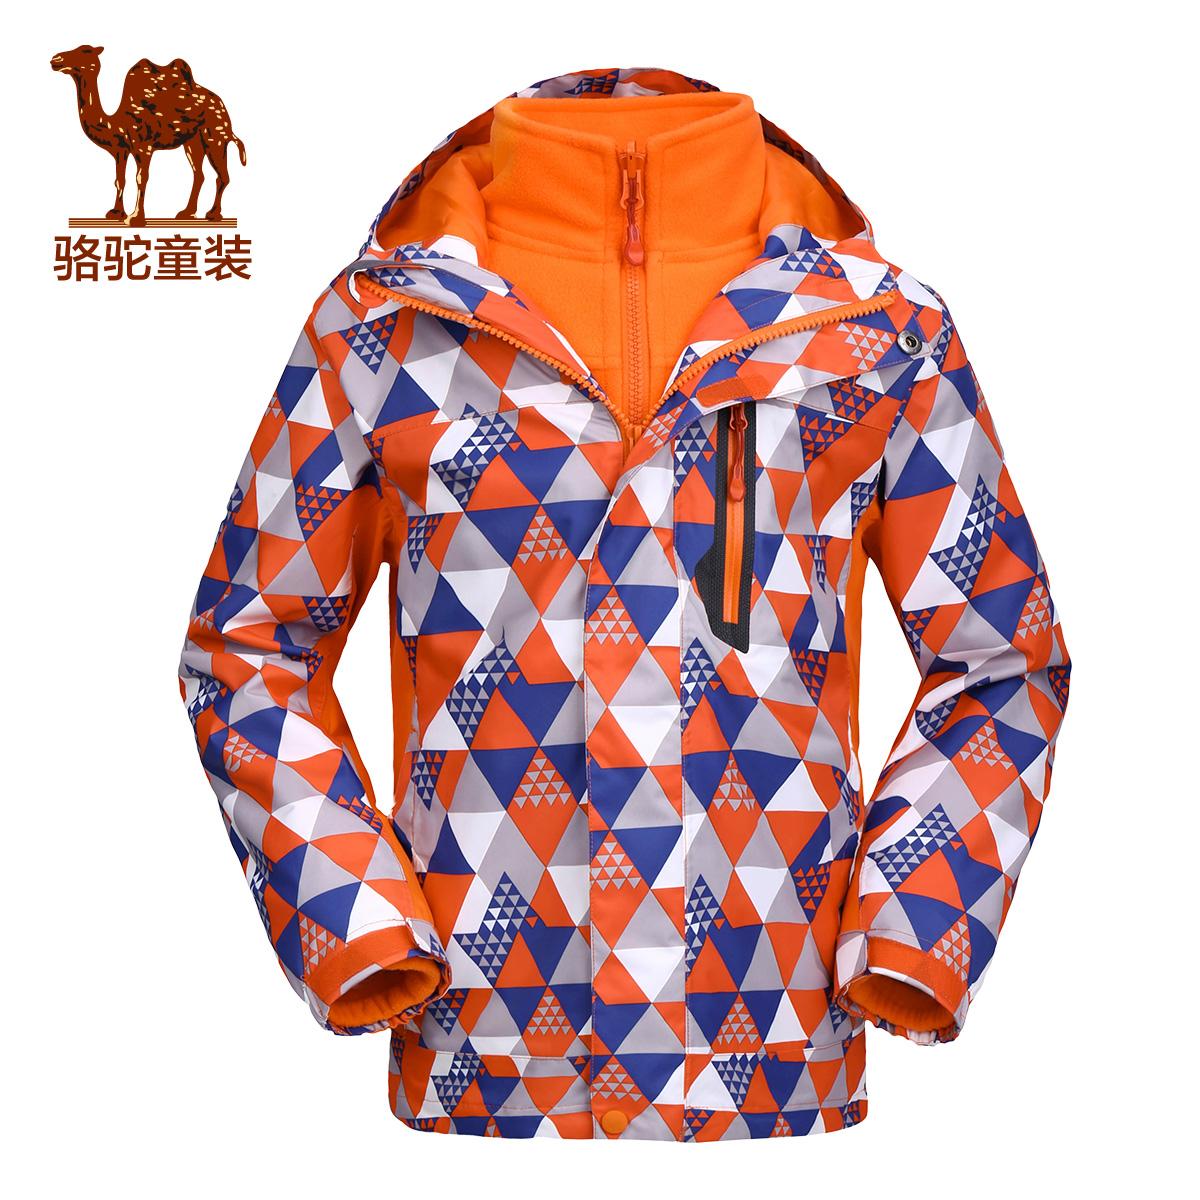 Цвет: a6w570801 оранжевый цветочный принт